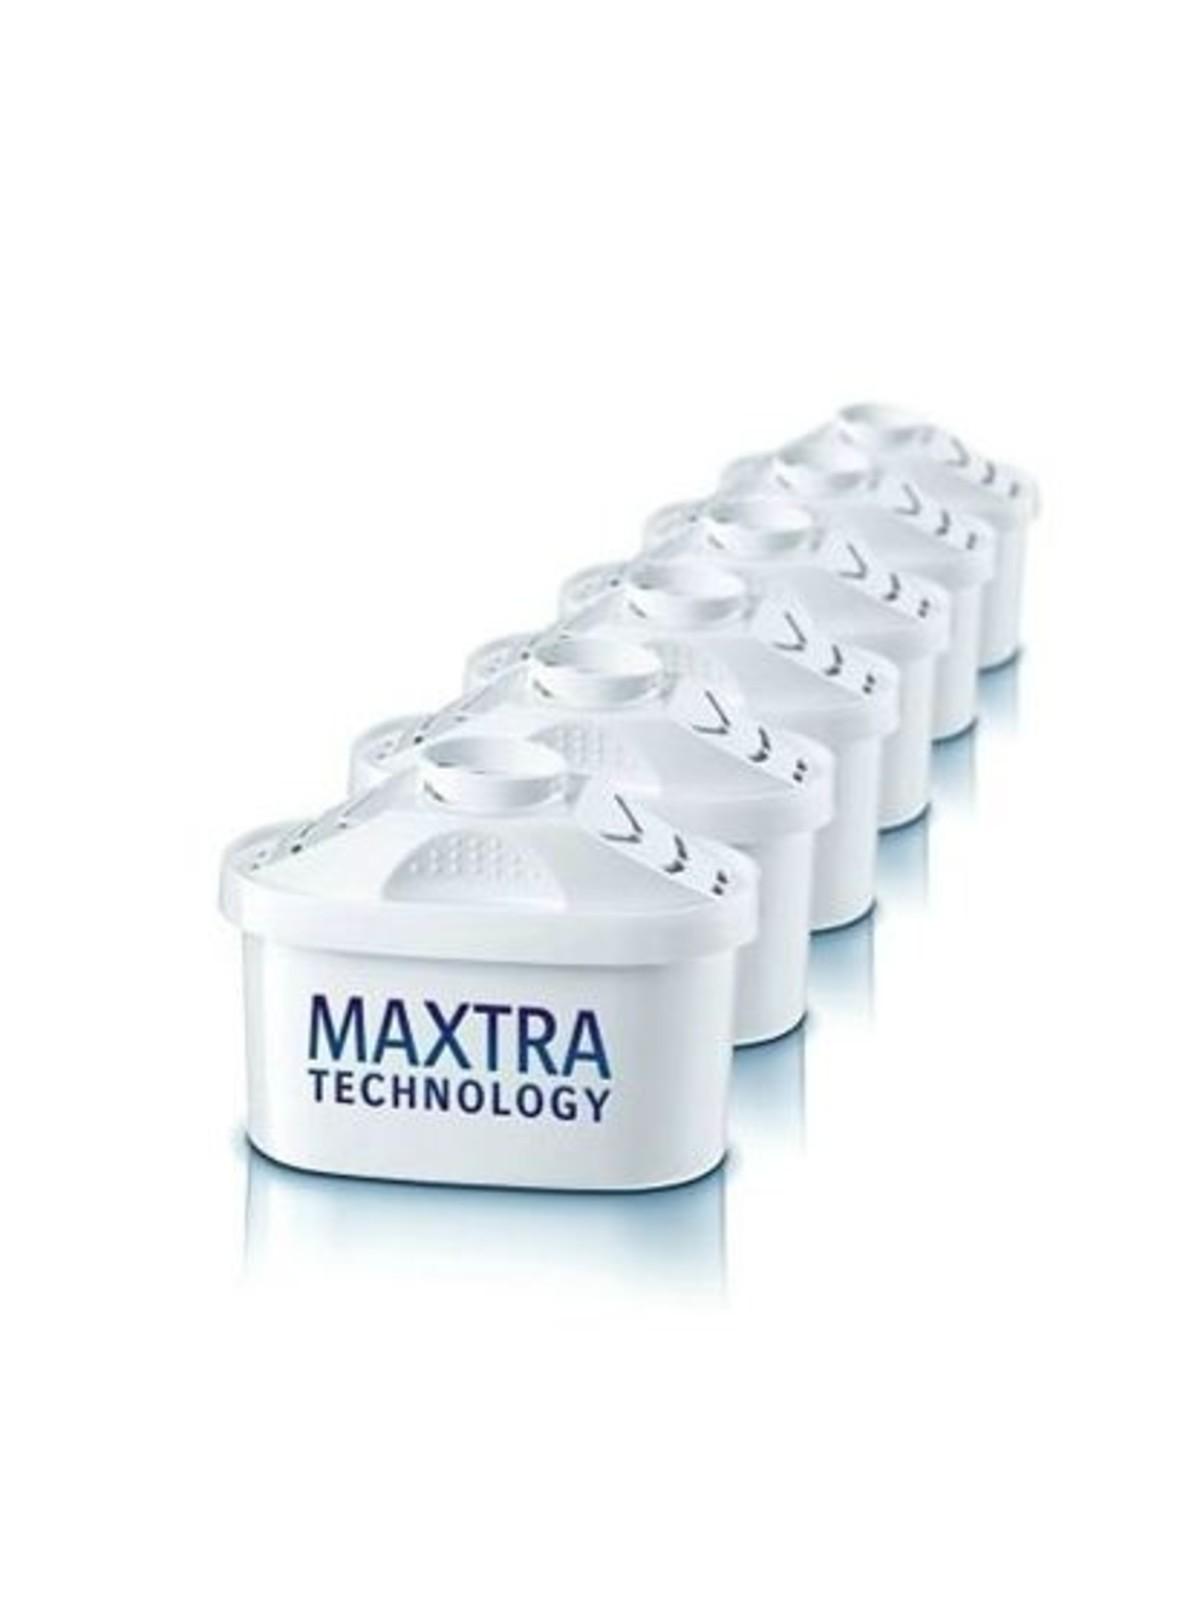 BRITA MAXTRA Filterpatronen 6 stuks